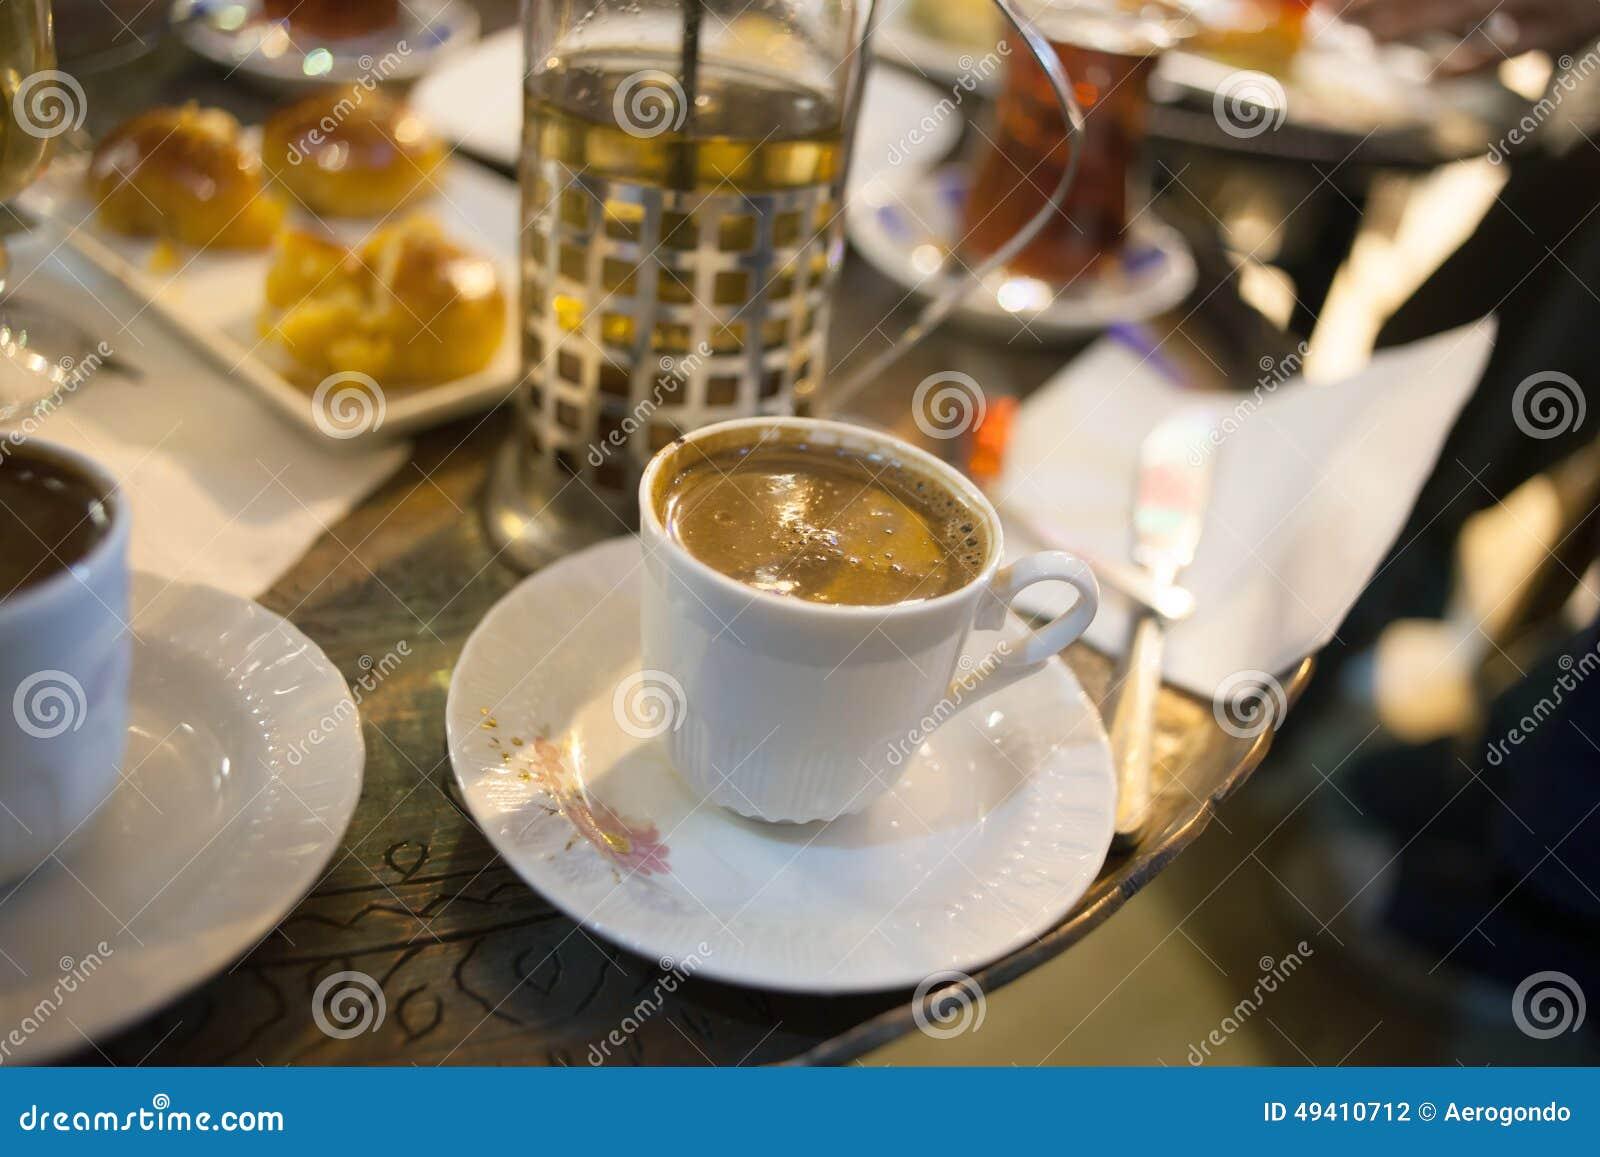 Download Türkischer Kaffee Und Bonbons Stockfoto - Bild von nahaufnahme, imbiß: 49410712